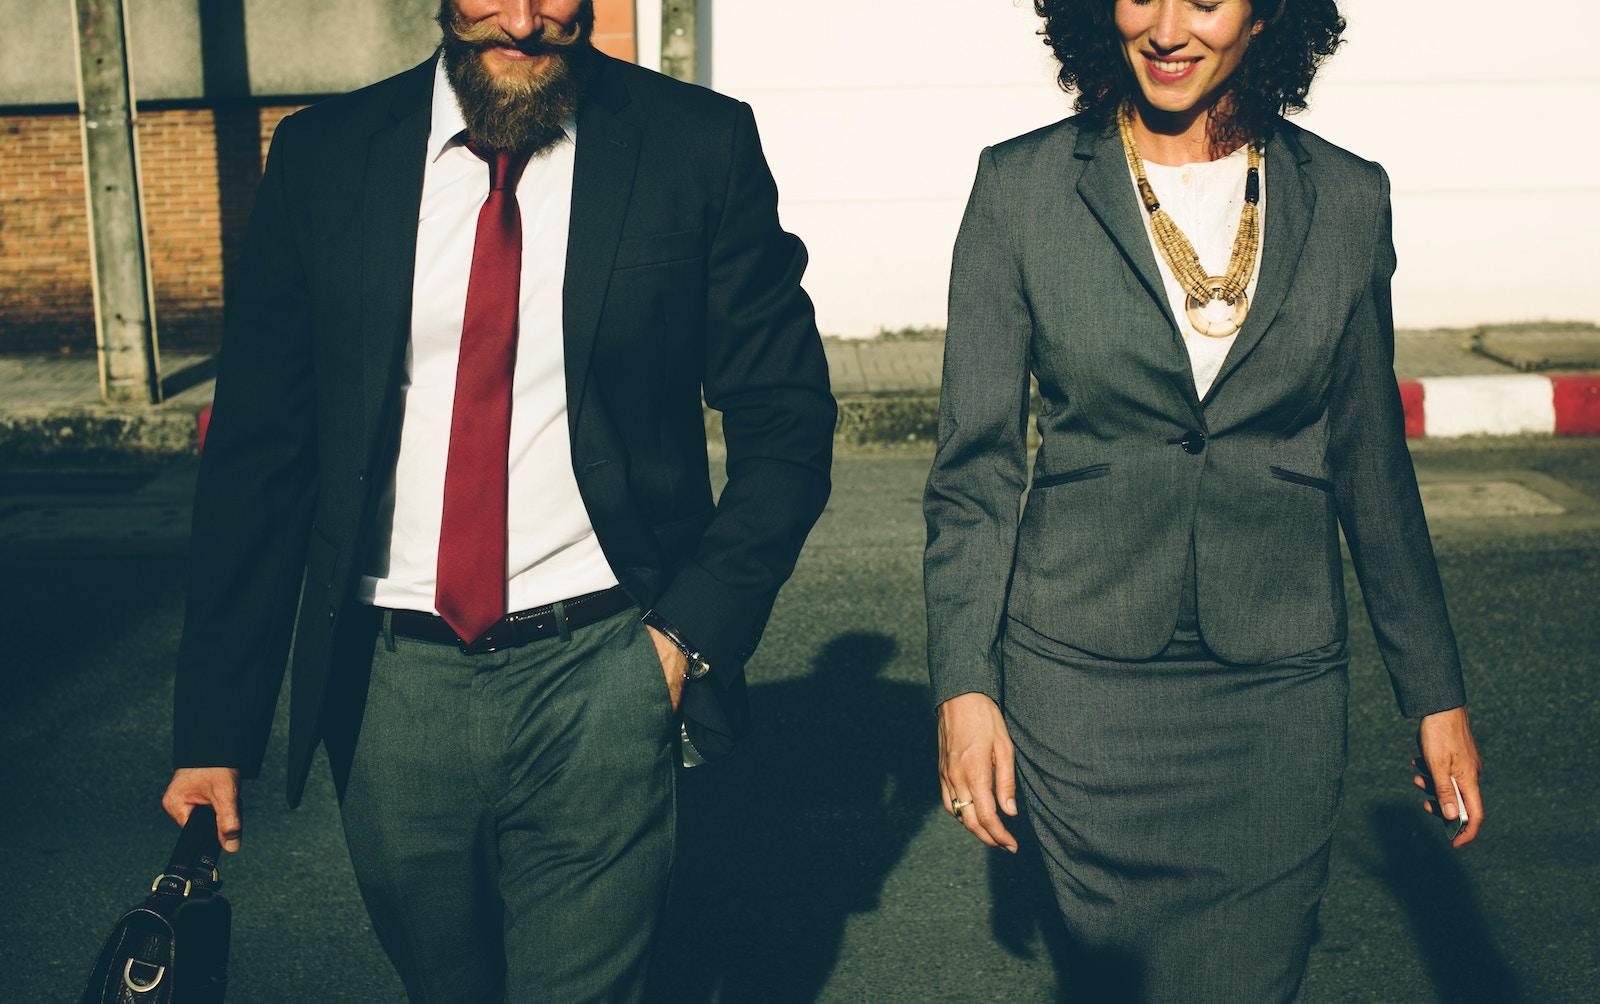 Бізнес-теми, якими найбільше цікавилися попередні 7 днів